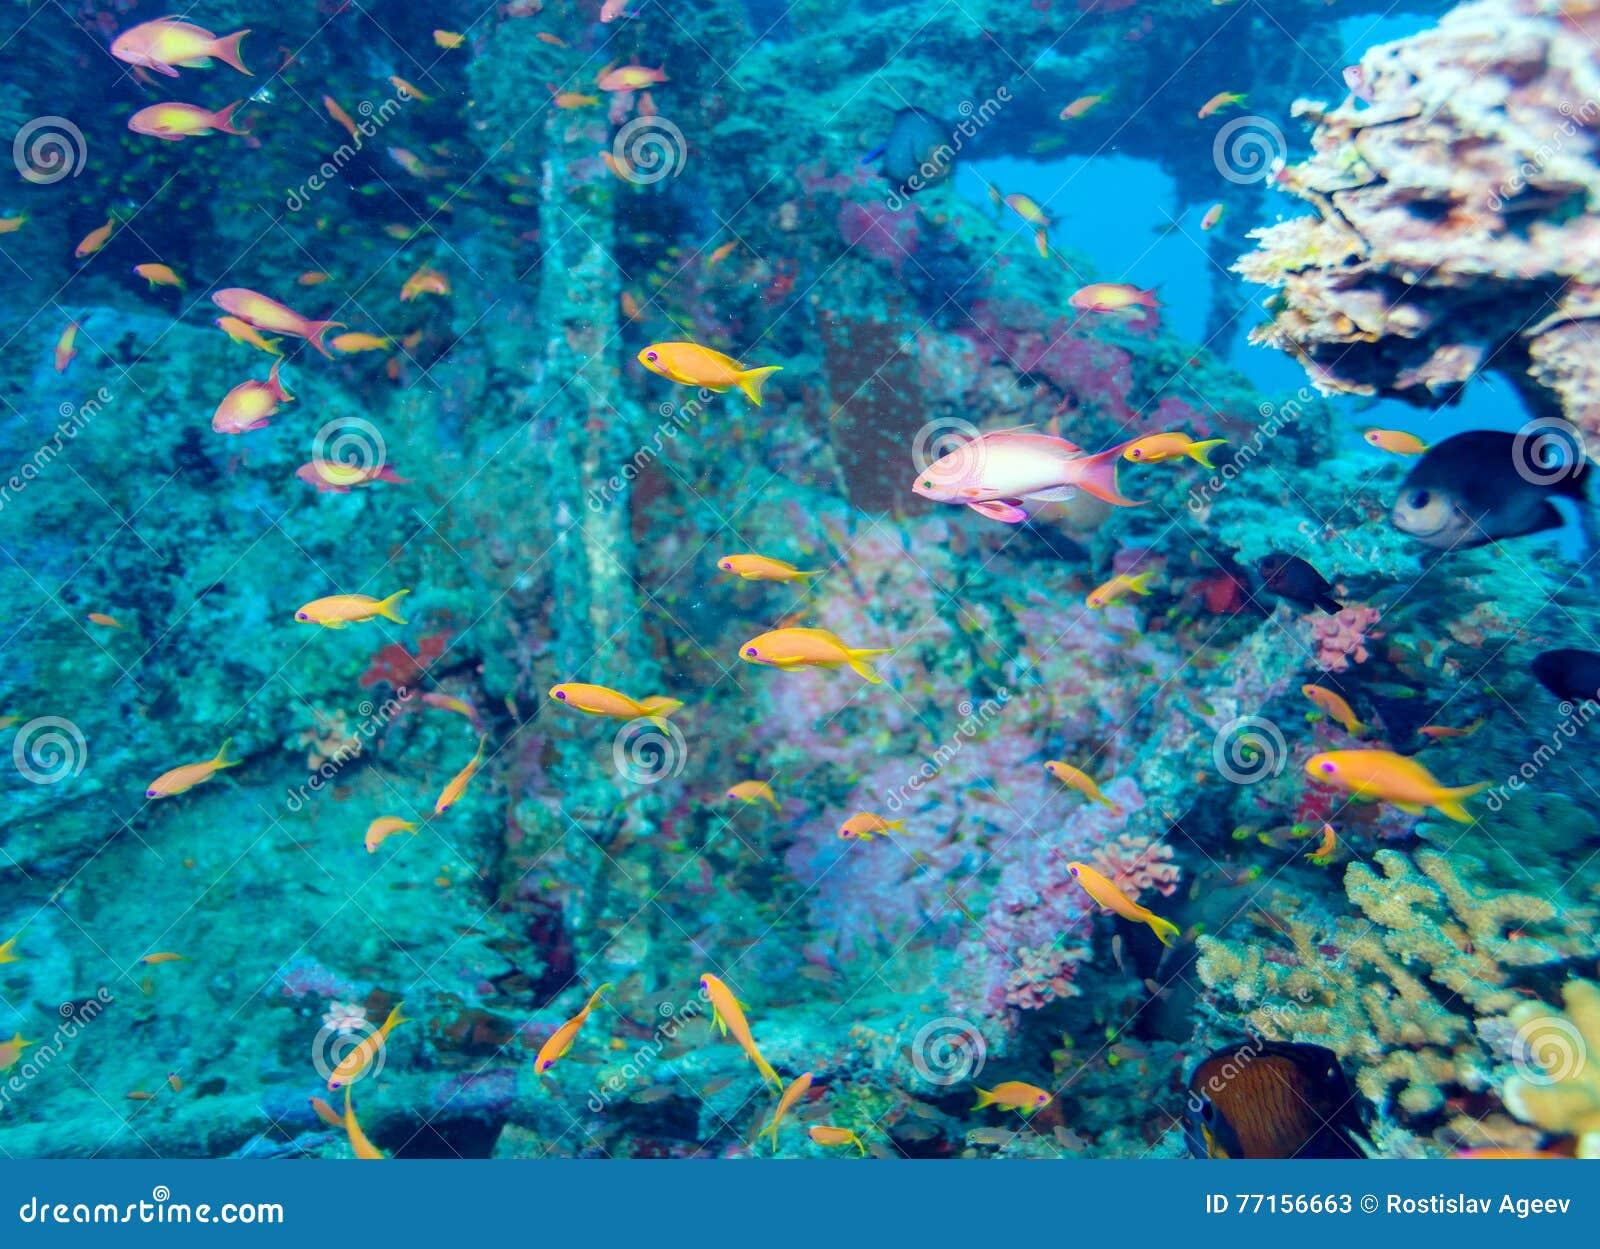 École des poissons près de Coral Reef, Maldives